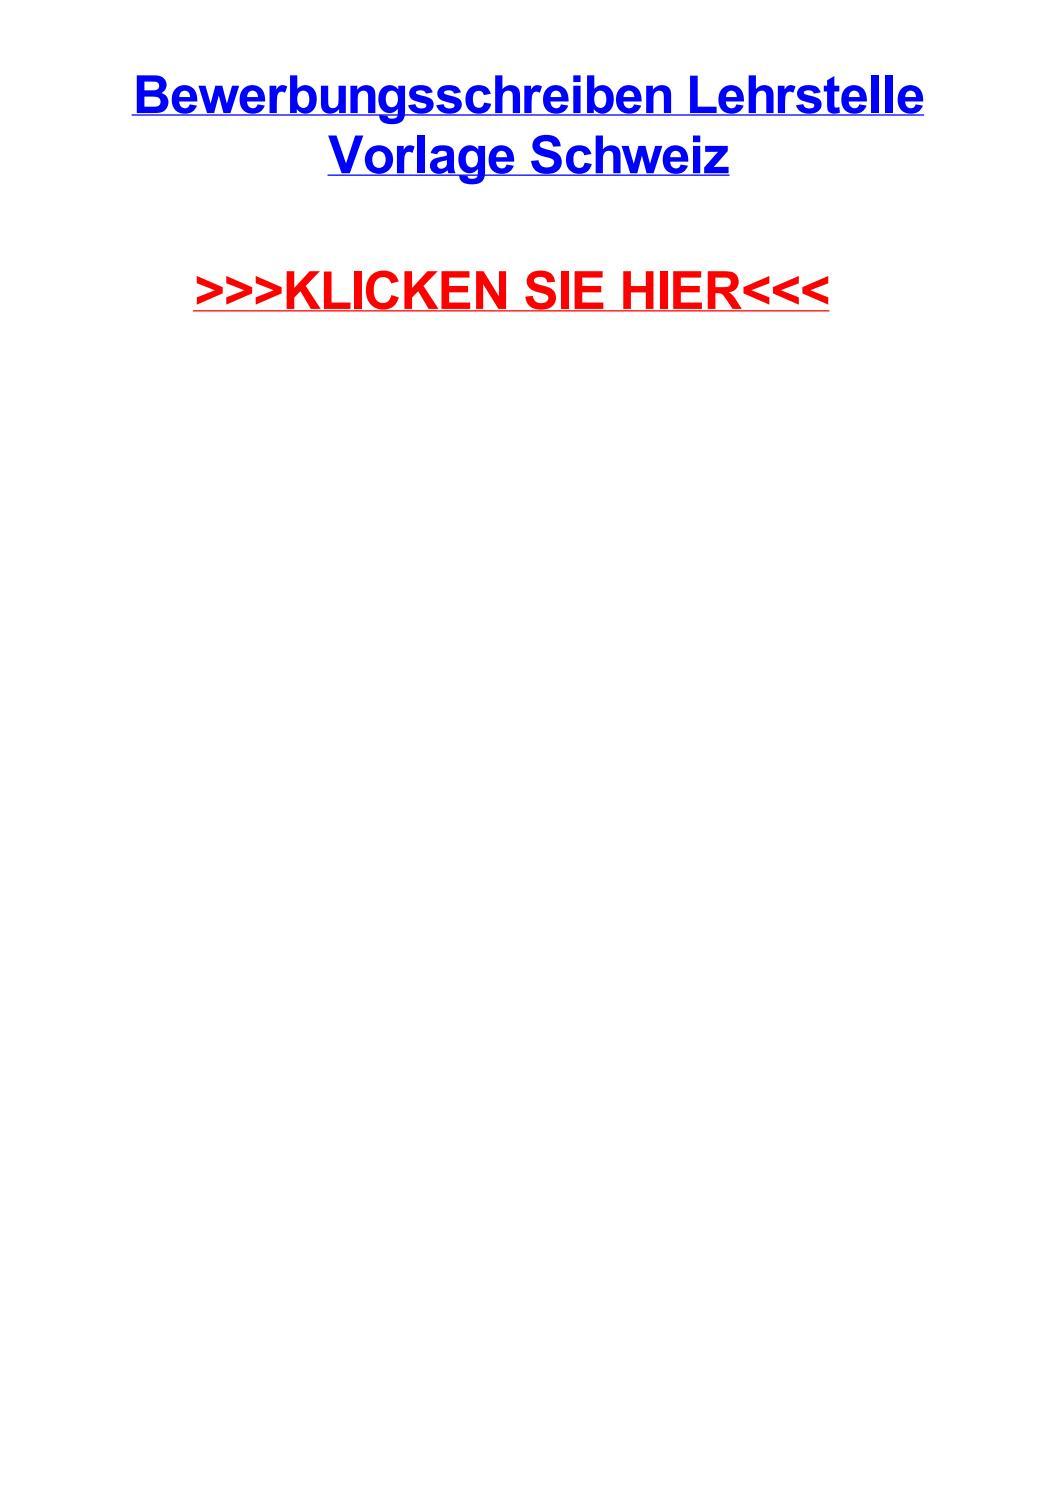 Bewerbungsschreiben Lehrstelle Vorlage Schweiz By Jamescfuu